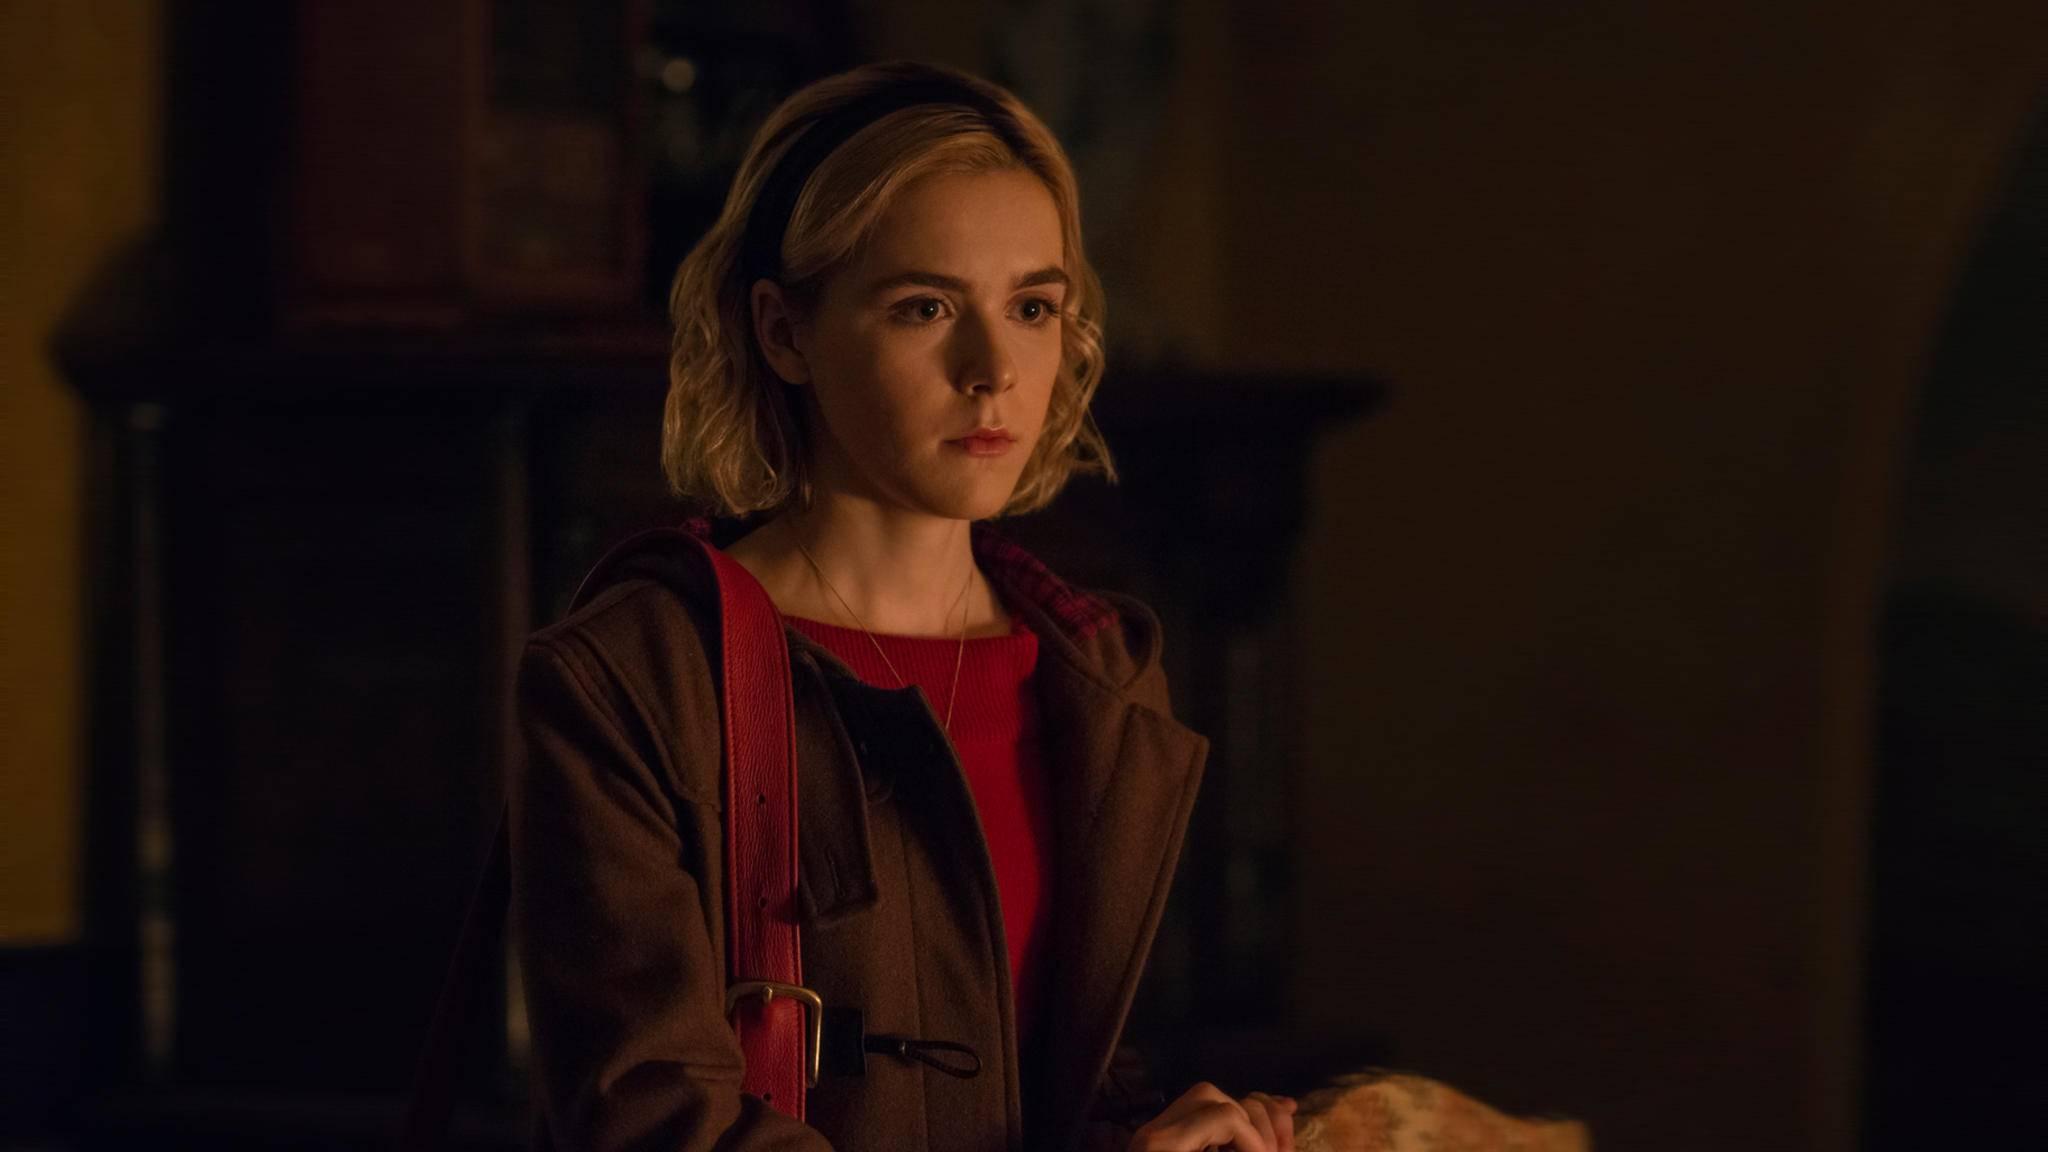 Sabrina wird in der Neuauflage der Teenie-Serie von schwarzer Magie in Versuchung geführt.